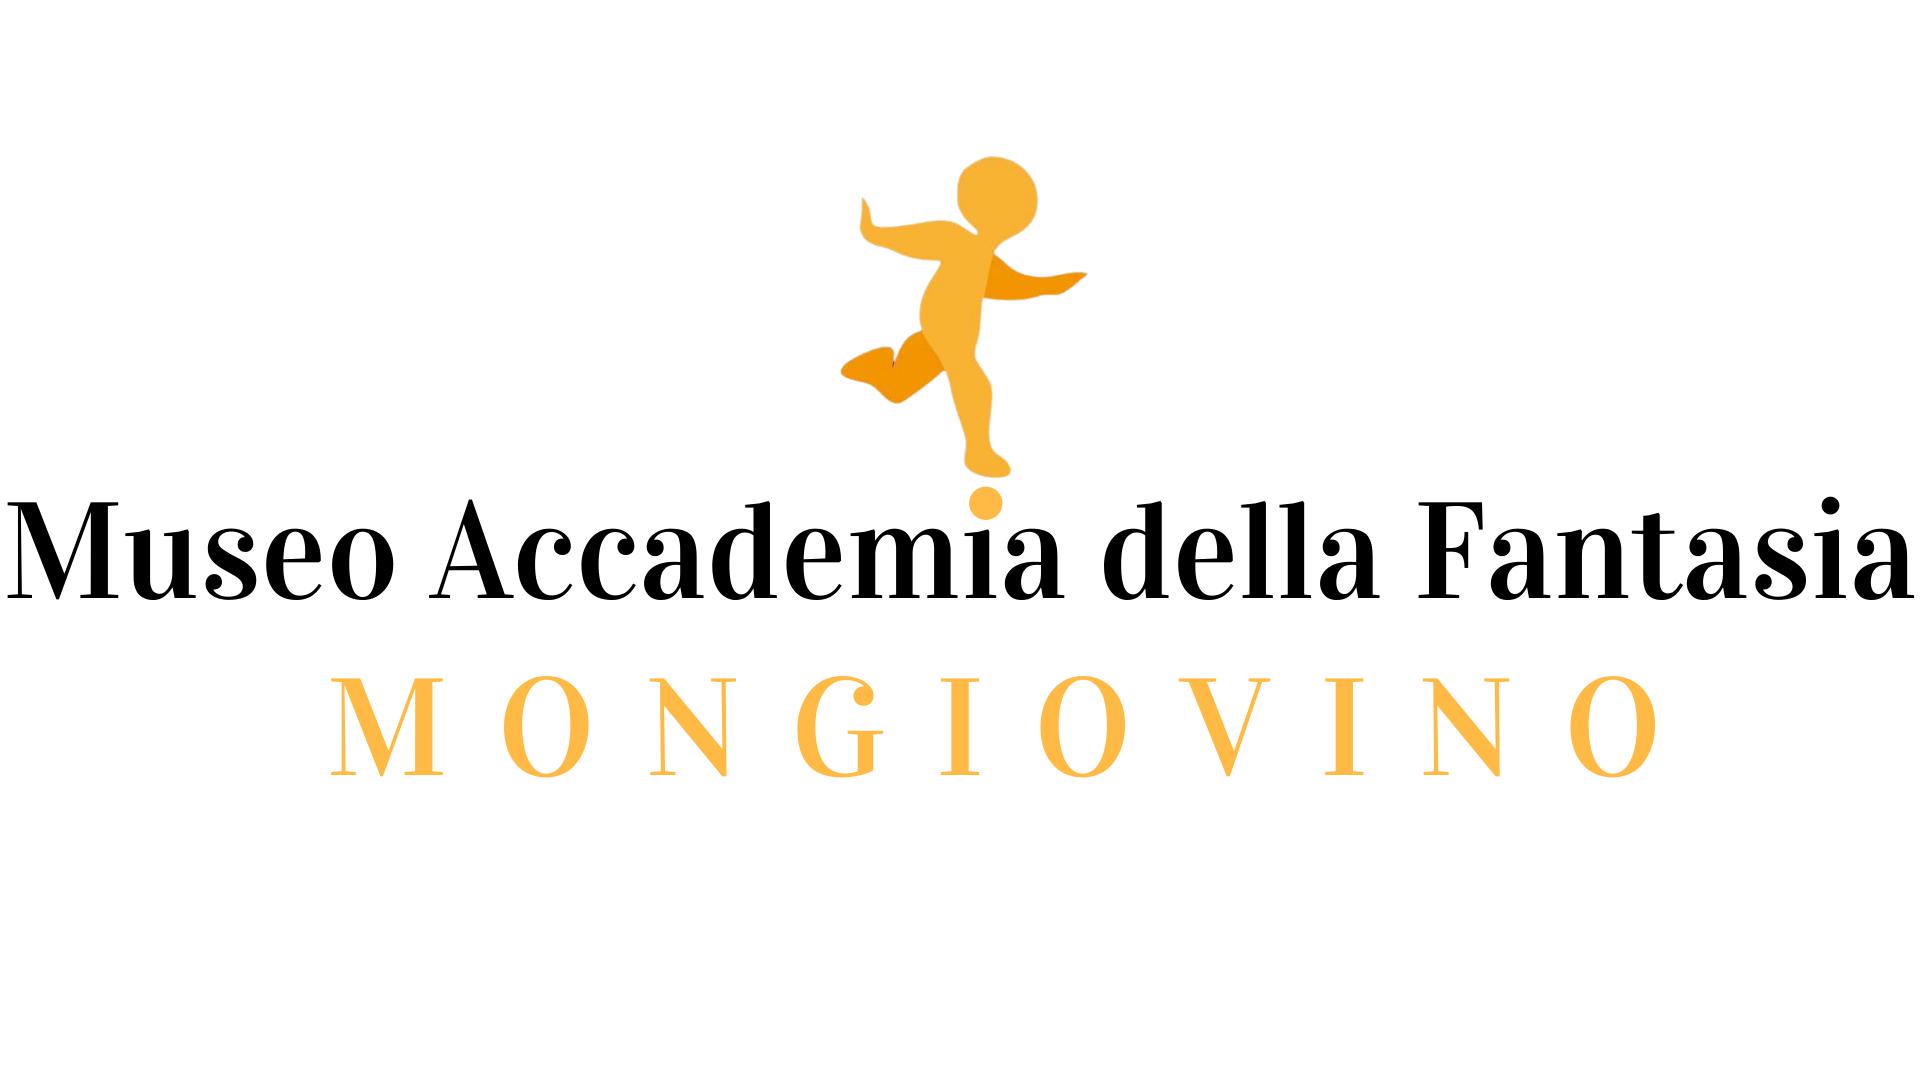 Museo Accademia della Fantasia